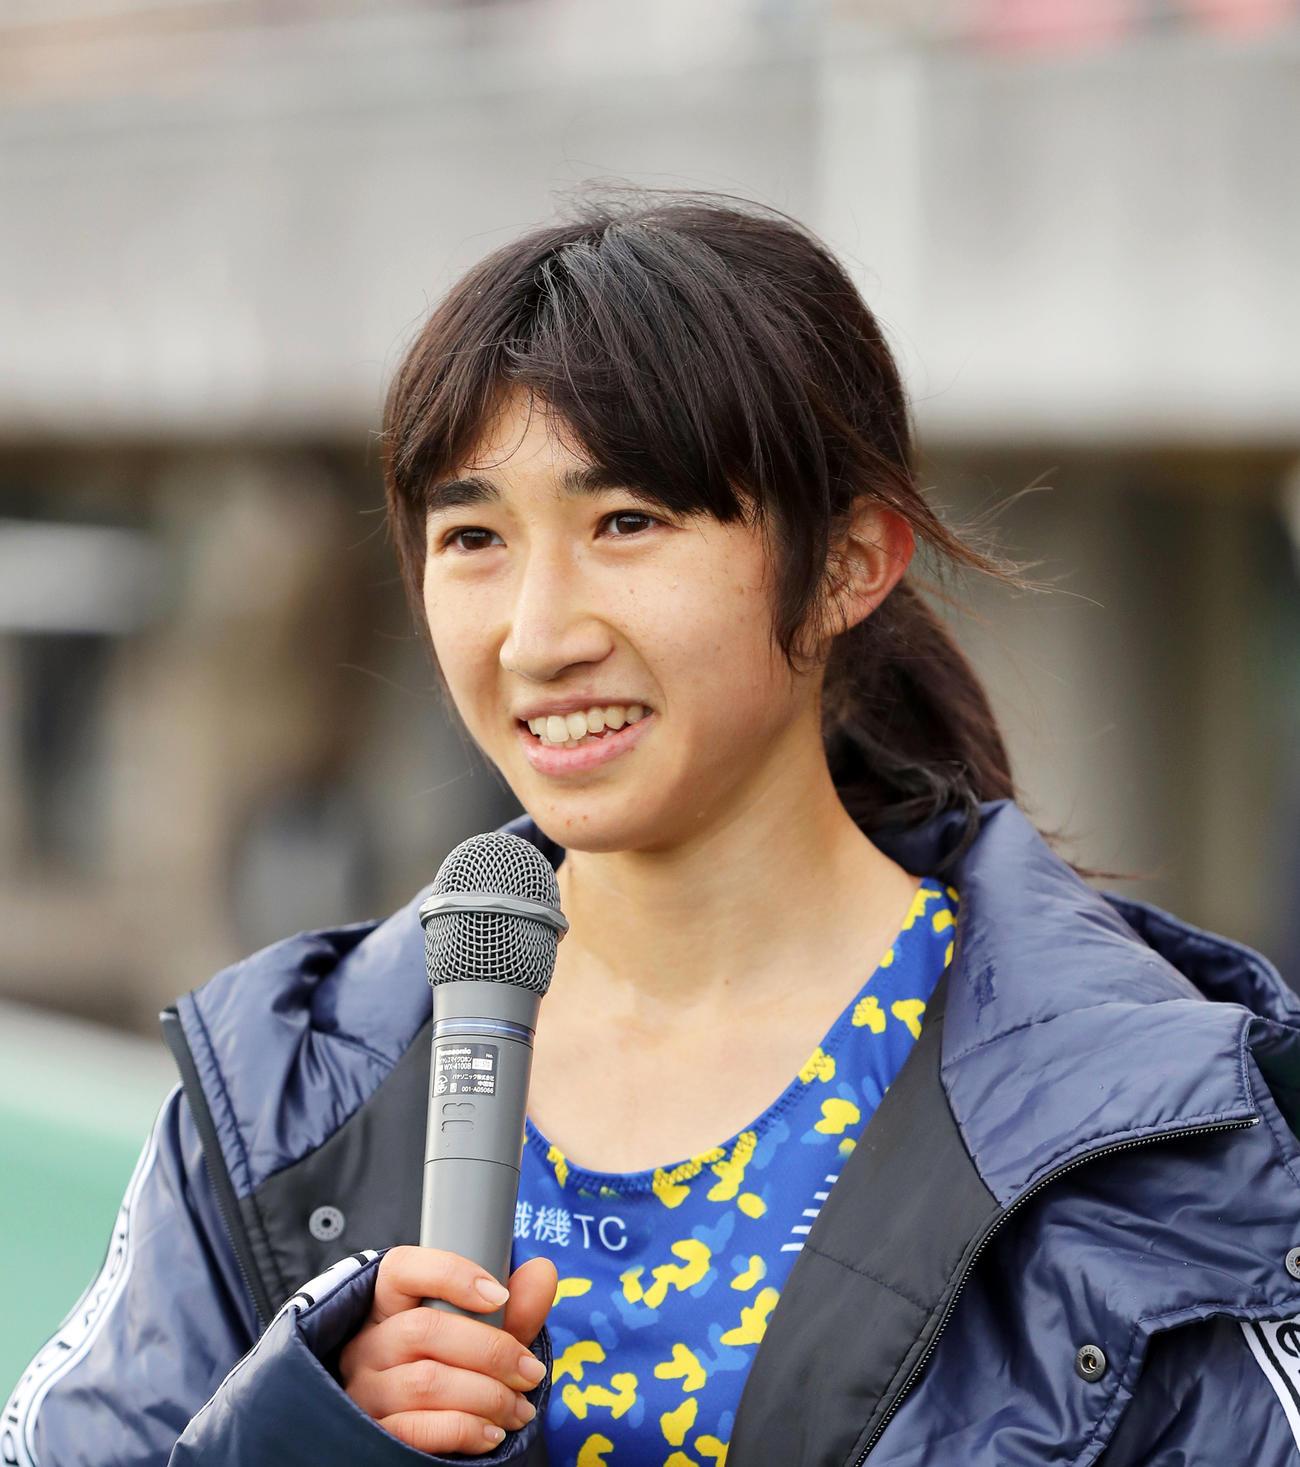 レース後のインタビューで笑顔を見せる田中希実(撮影・前田充)